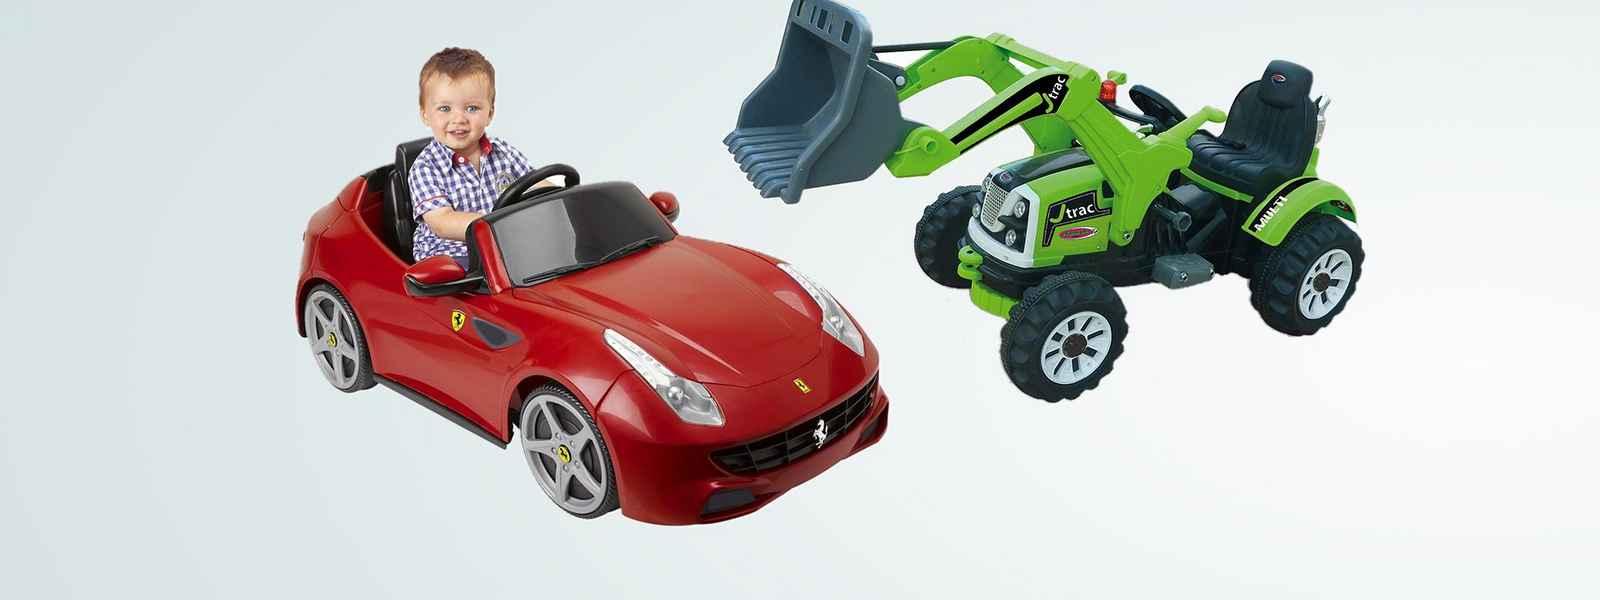 Kinder-Elektrofahrzeuge